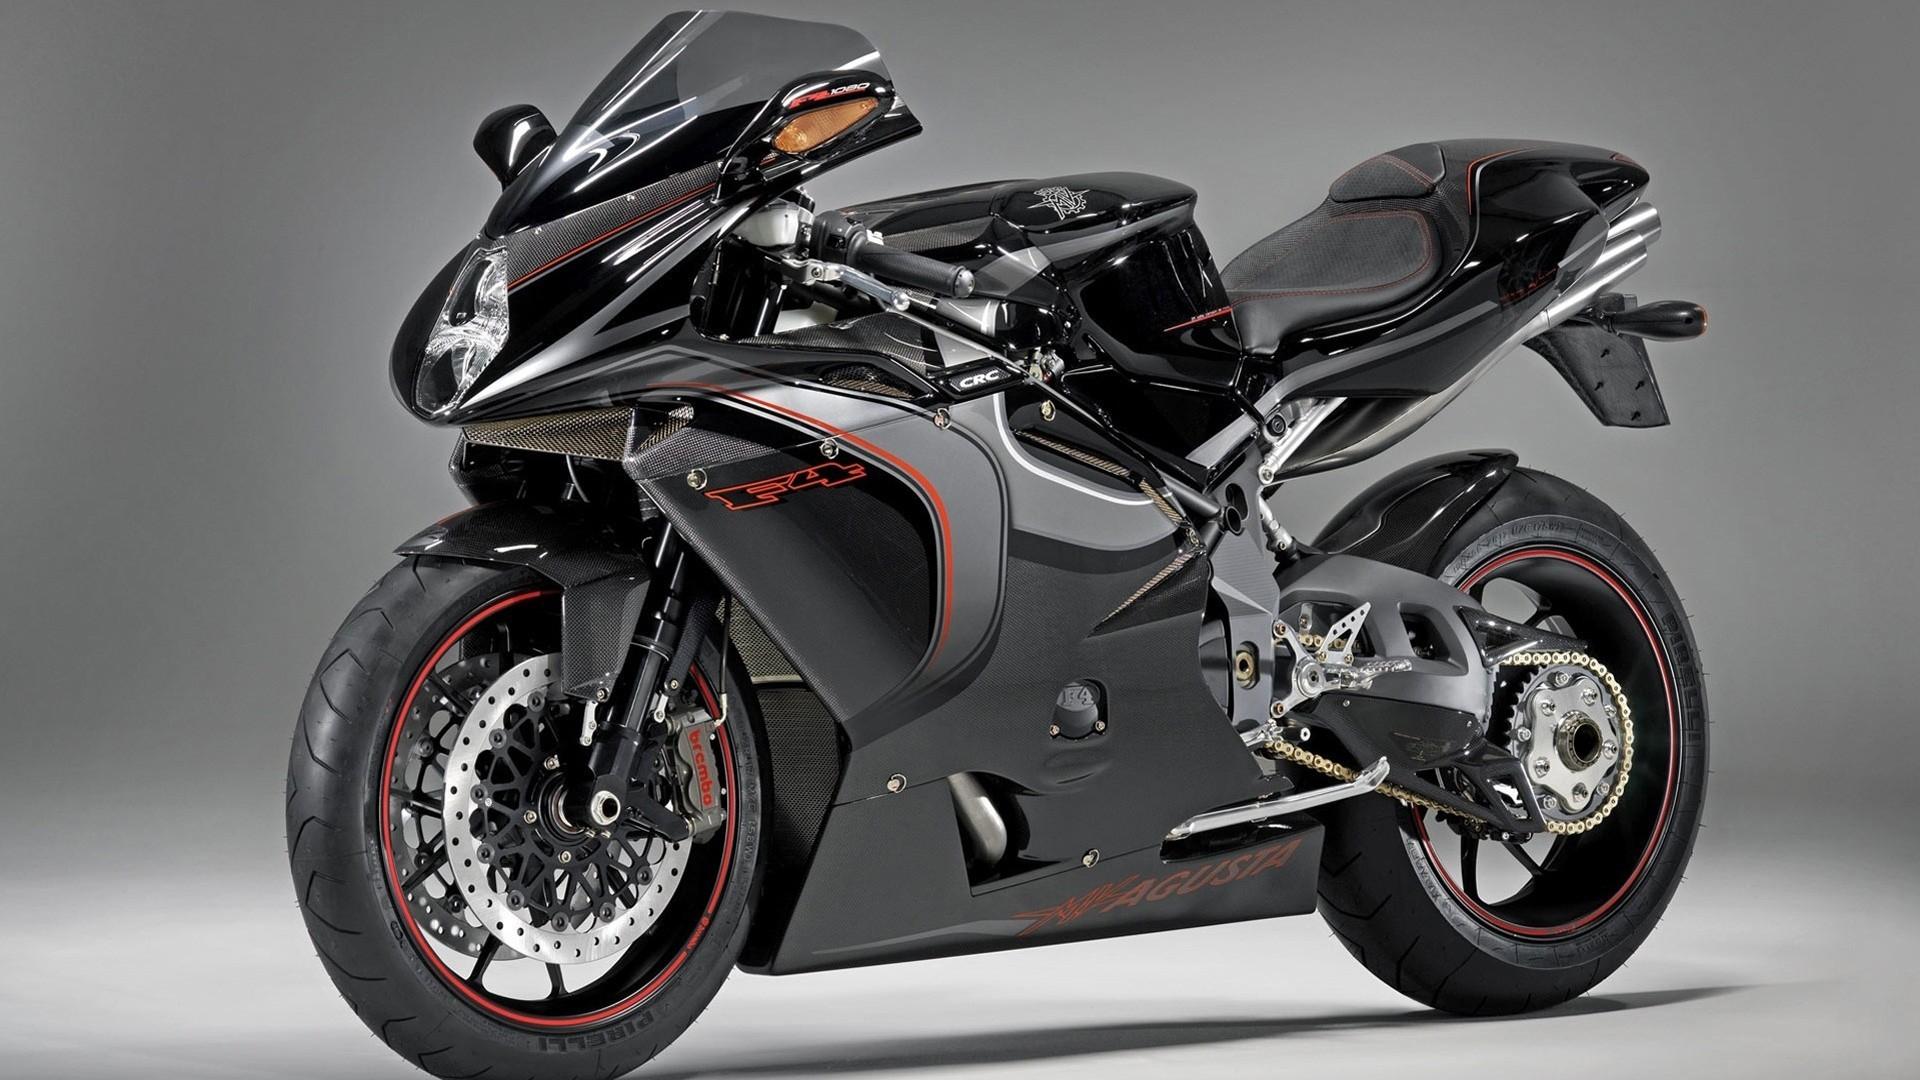 Картинки мотоциклов всех моделей